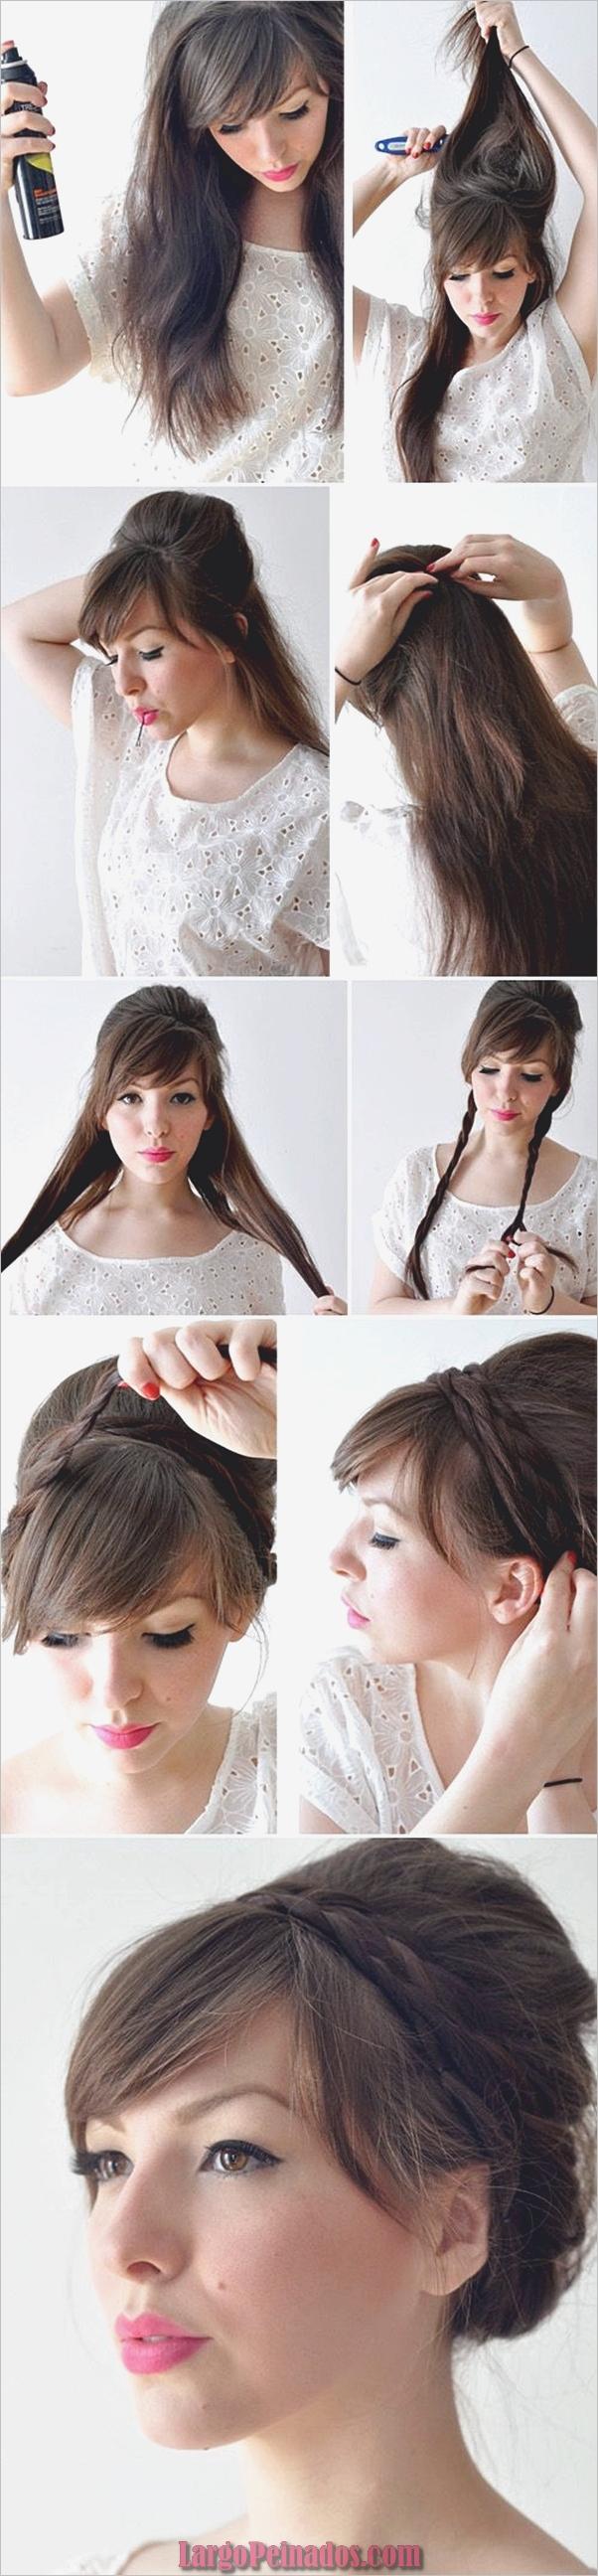 Peinados fáciles paso a paso para cabello largo10